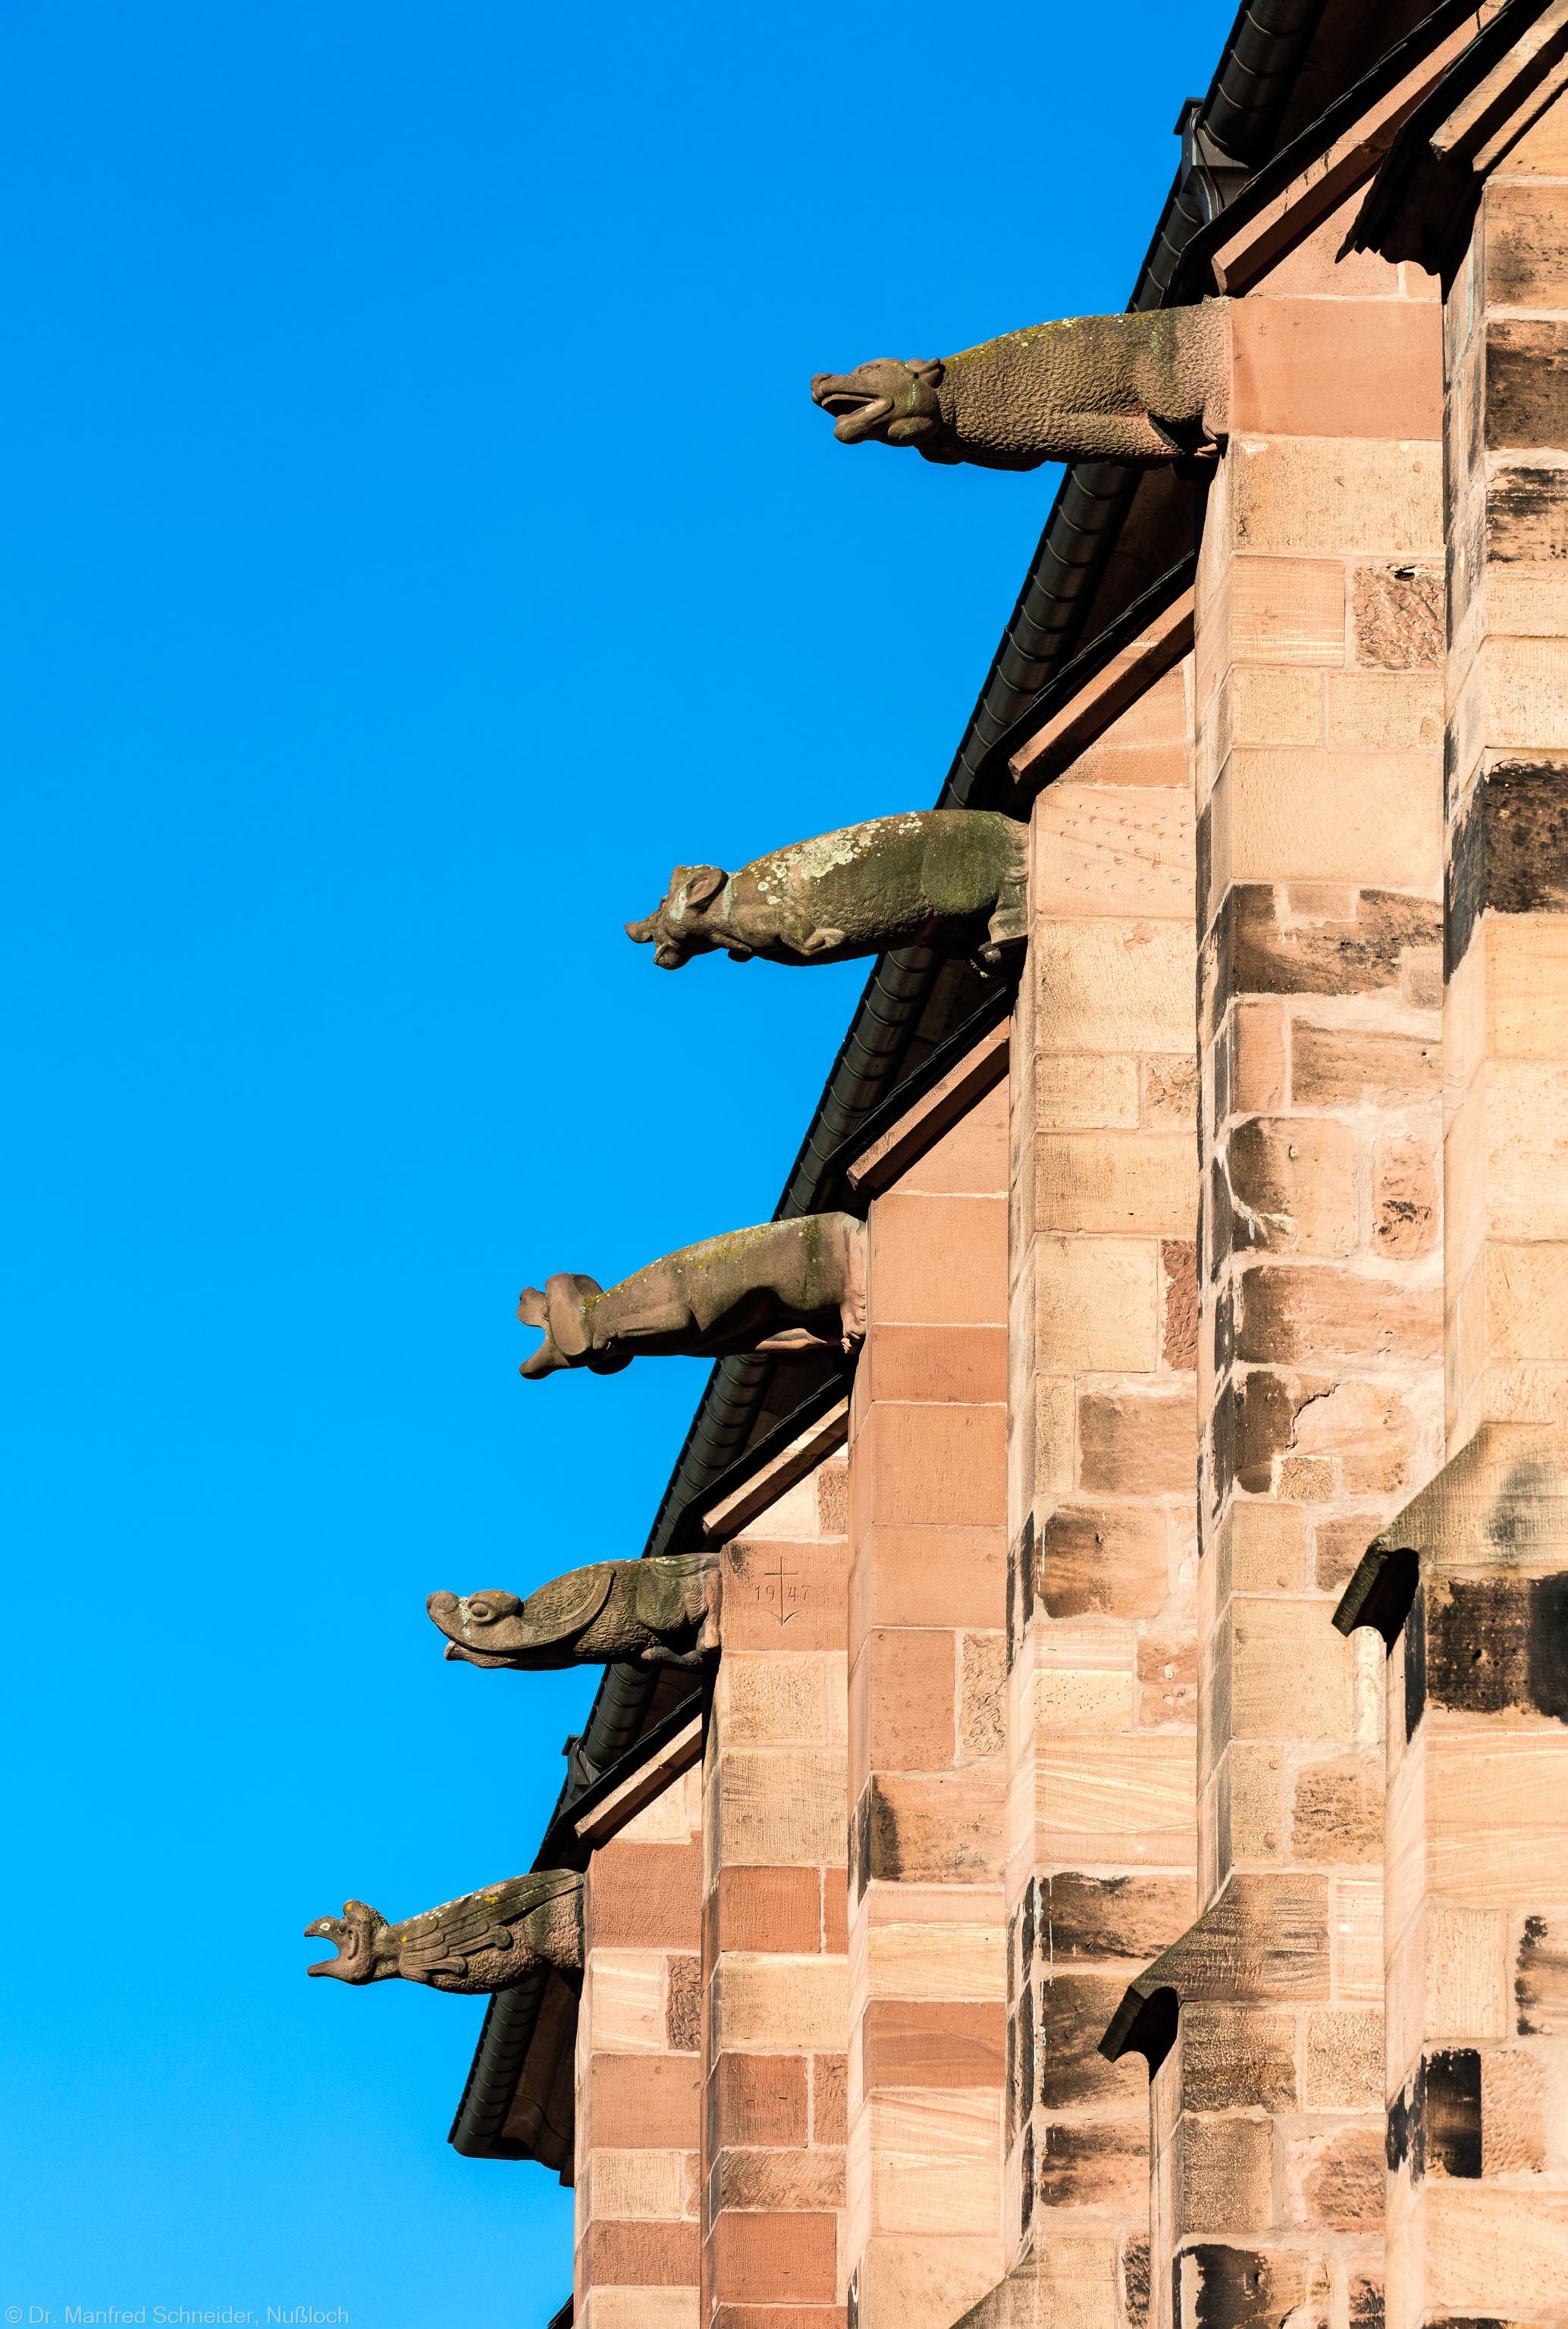 Heidelberg - Heiliggeistkirche - Dach - Südseite - Blick von Osten auf alle Wasserspeier (aufgenommen im Oktober 2015, am Vormittag)